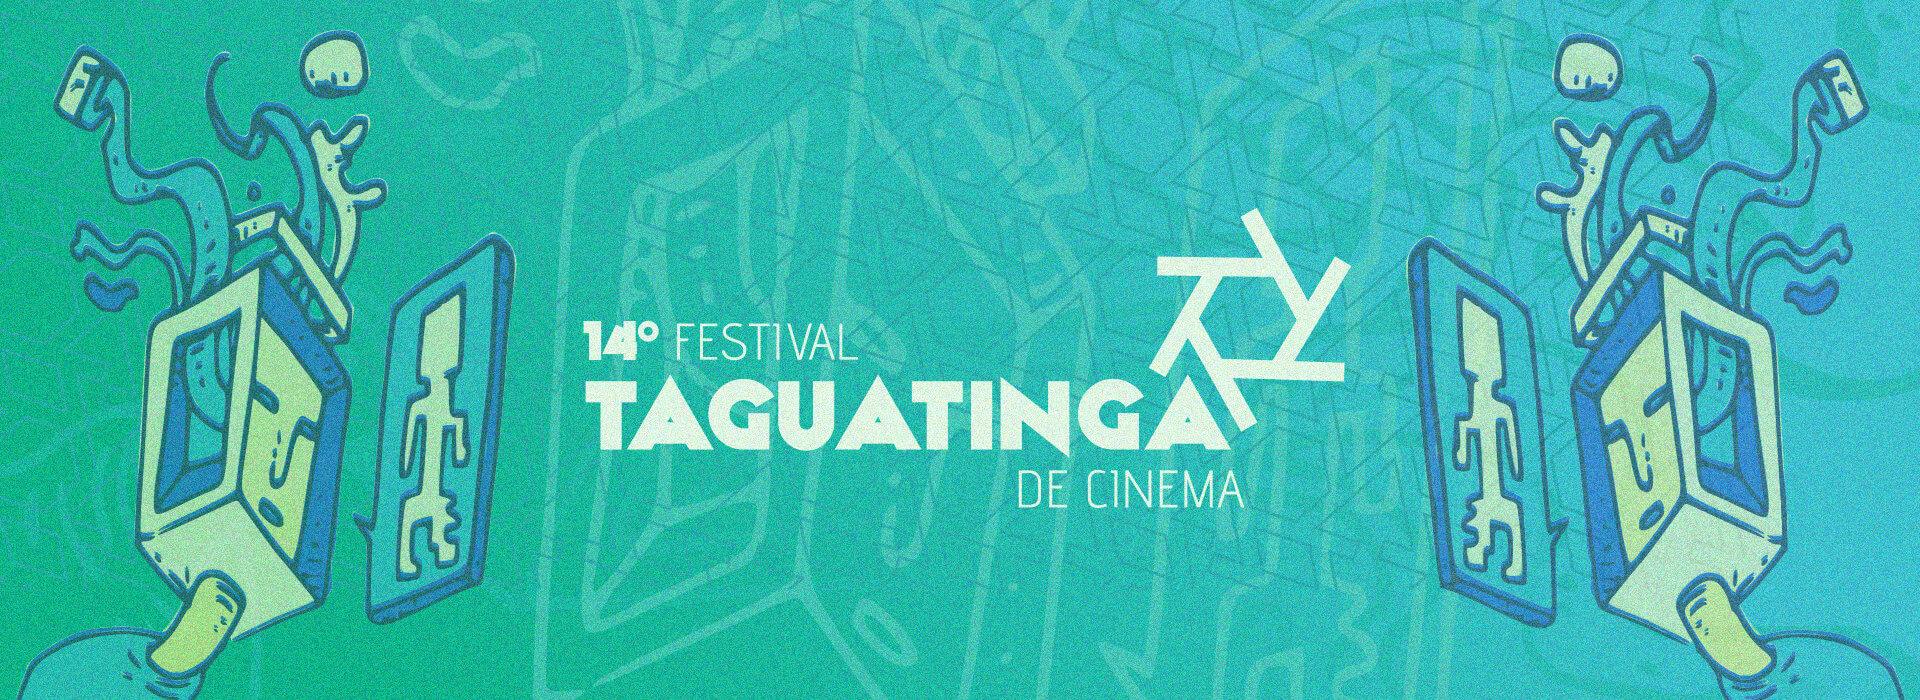 14º Festival Taguatinga de Cinema